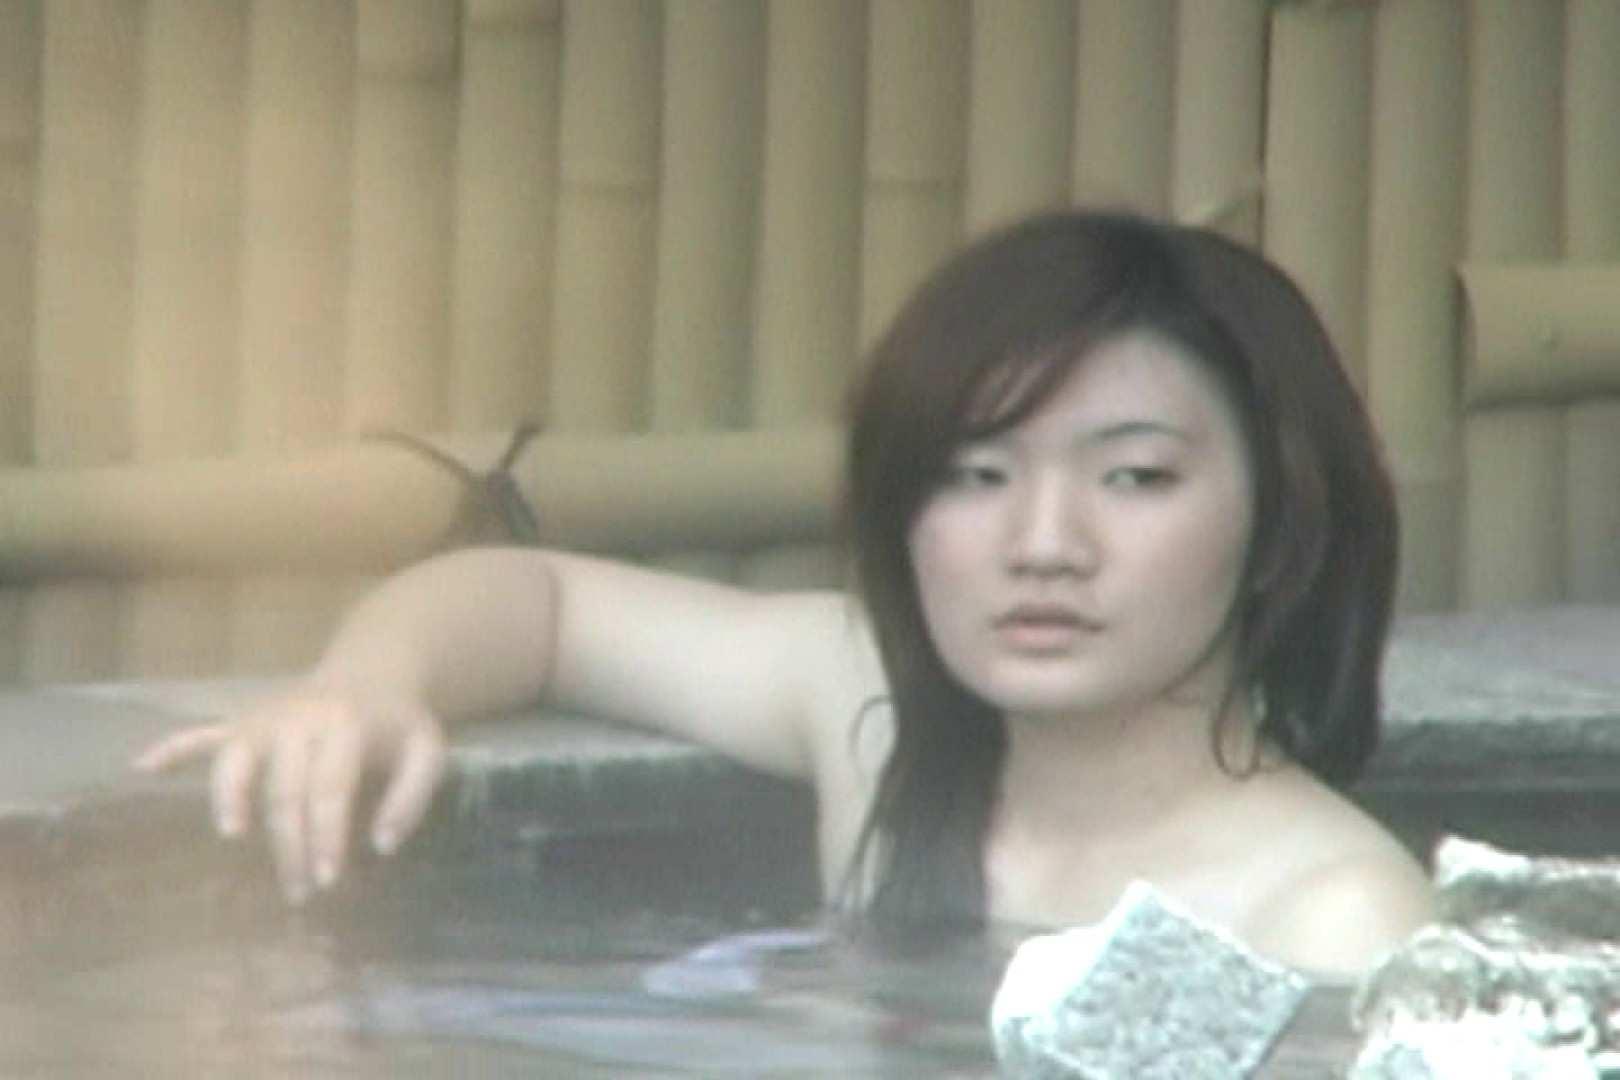 Aquaな露天風呂Vol.590 OLエロ画像   盗撮  50PICs 10